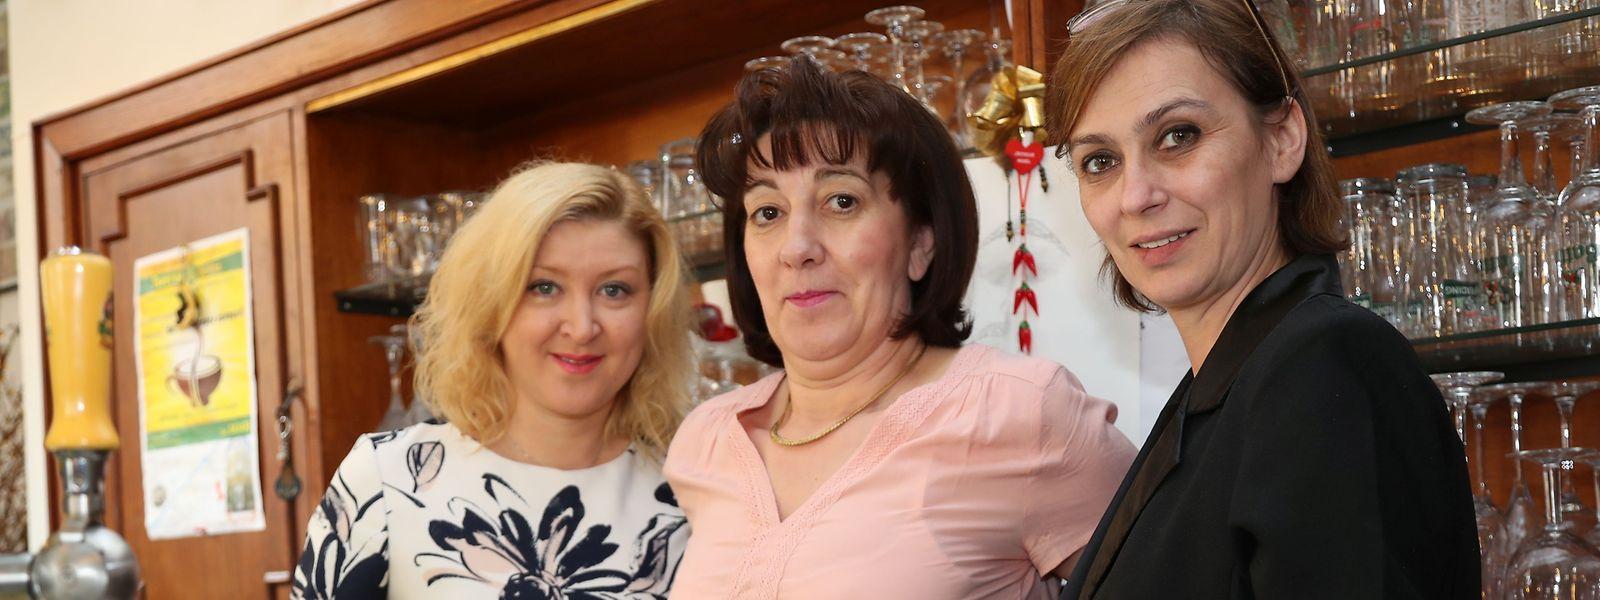 Bewährtes Trio hinter dem Tresen: Yuliya, Anita und Sanda (v.l.n.r.) sorgen in der Taverne Battin für eine freundliche Bedienung.